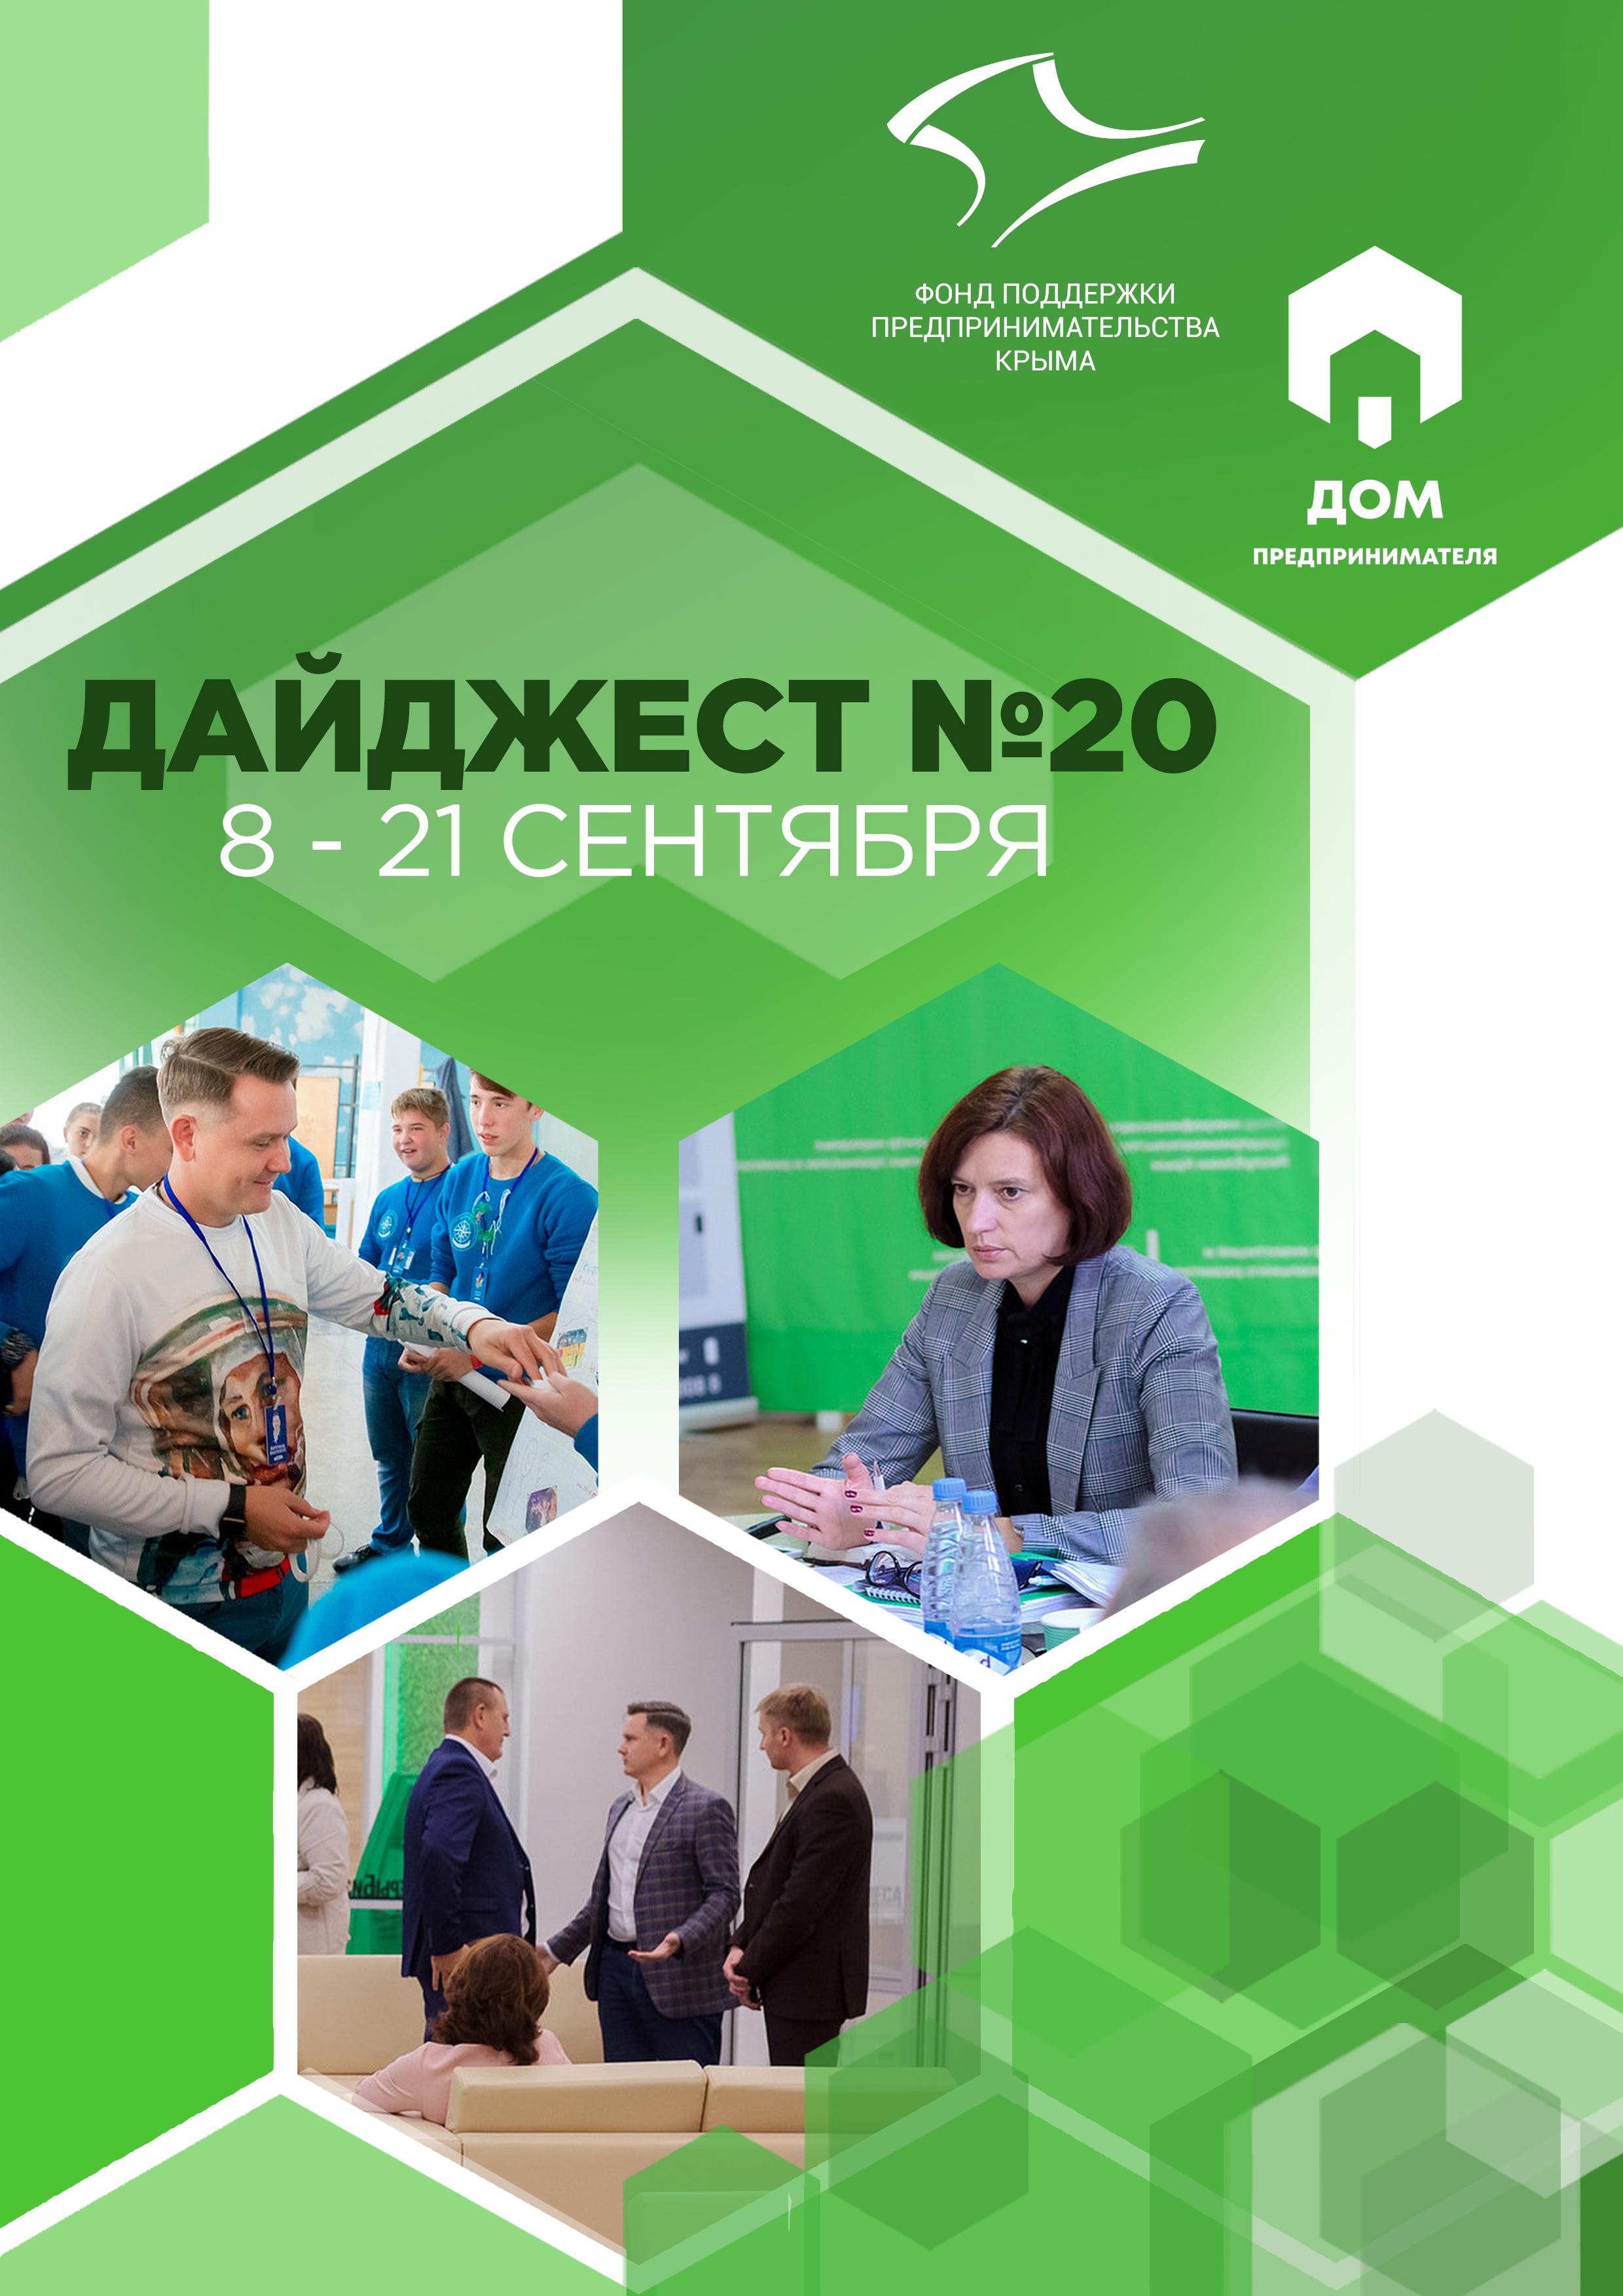 Дайджест новостей фонда поддержки предпринимателей в Крыму